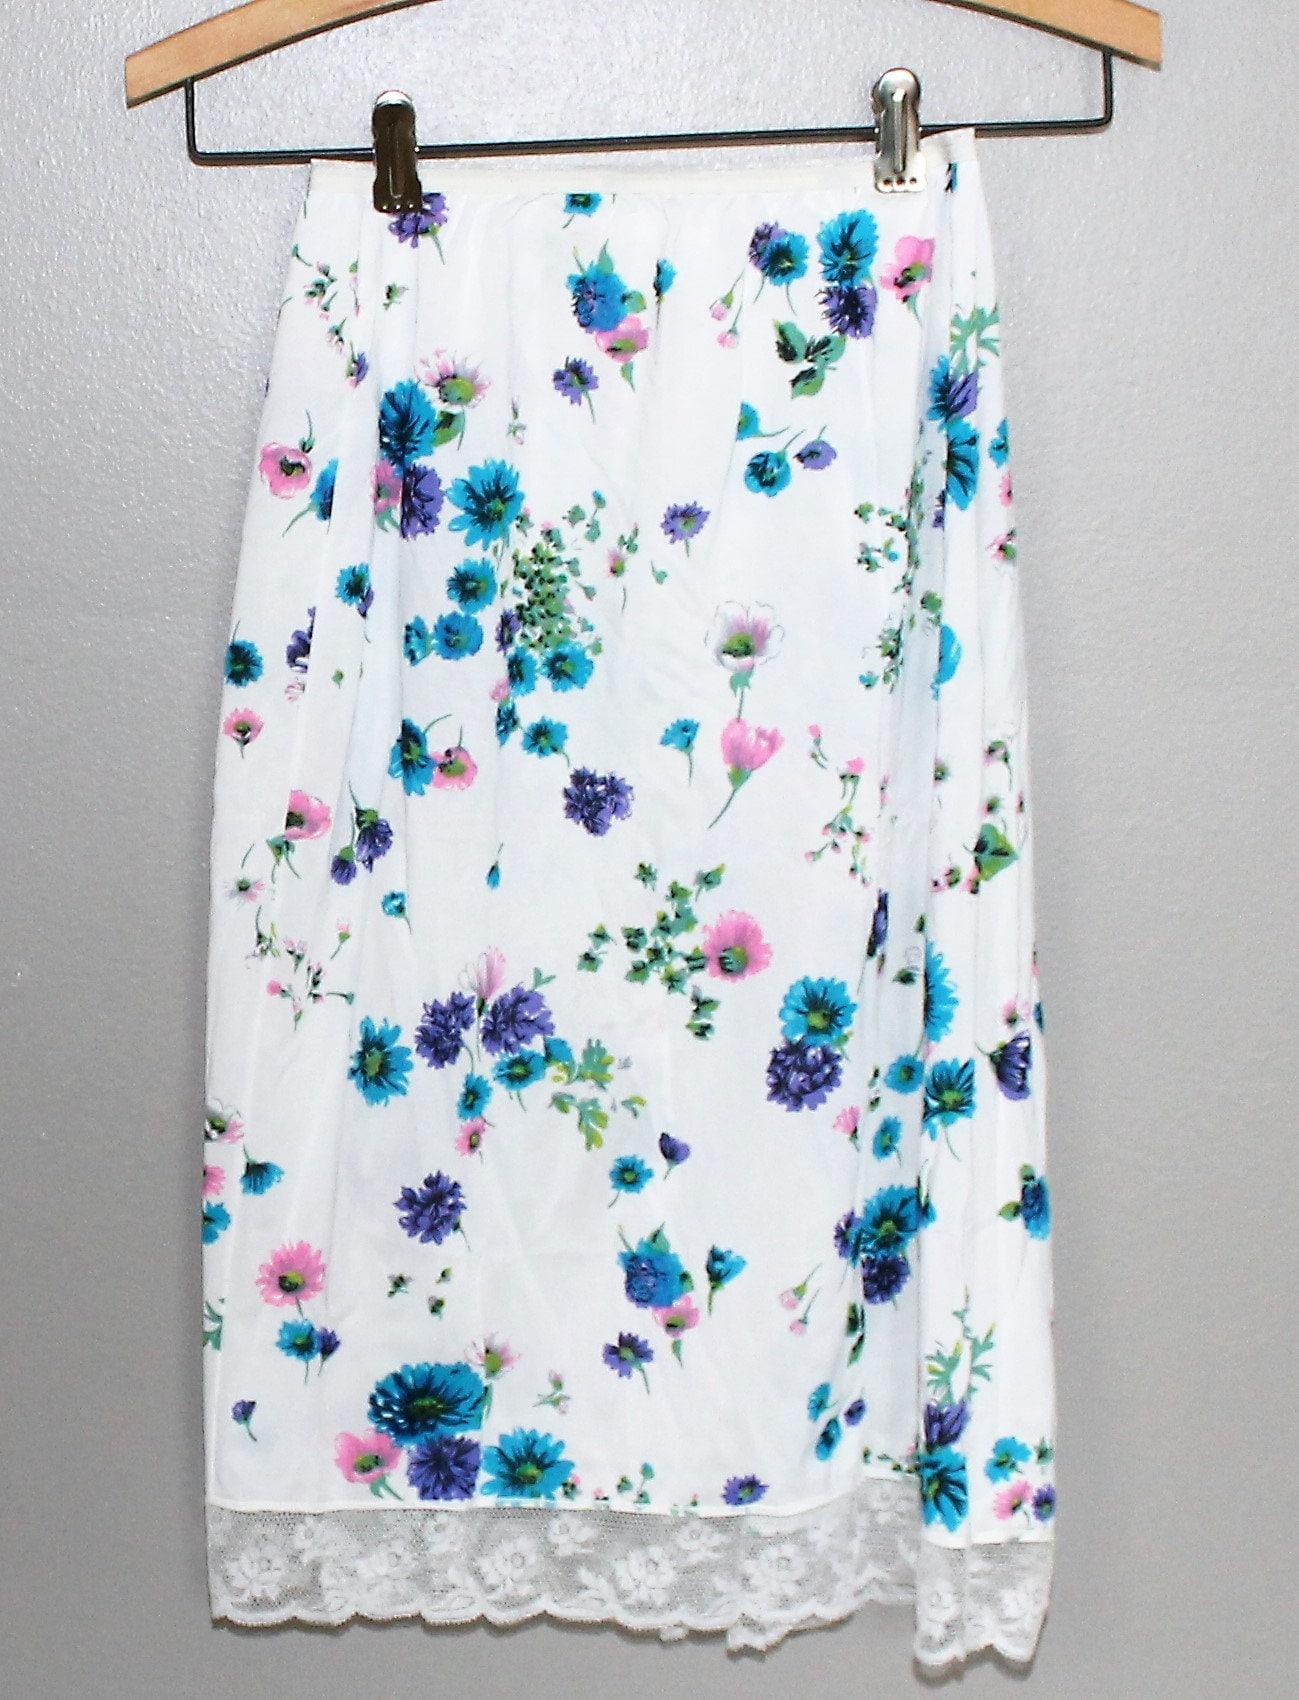 20f7c1e9c Vintage 60s White Blue Floral Flower Power Lace Trim Half Slip medium Short  Psychedelic Lingerie Hollywood Vassarette Nylon Mod